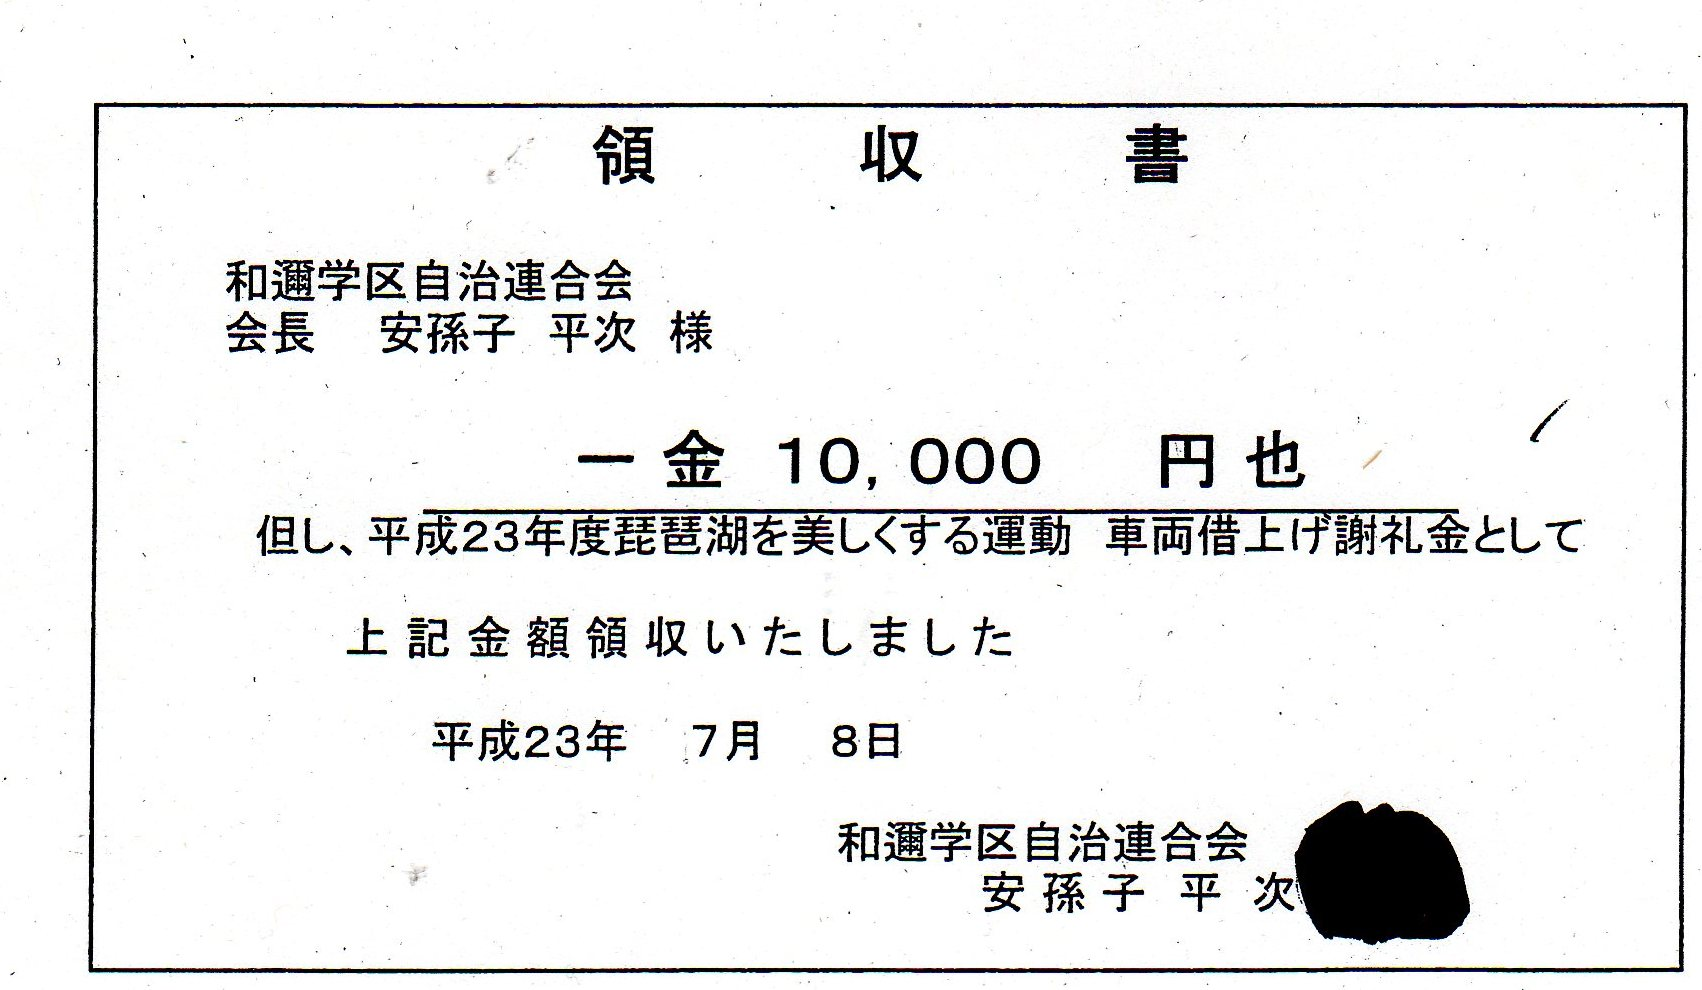 琵琶湖市民清掃/H23年和邇学区自治連合会(車両借上げ領収証)